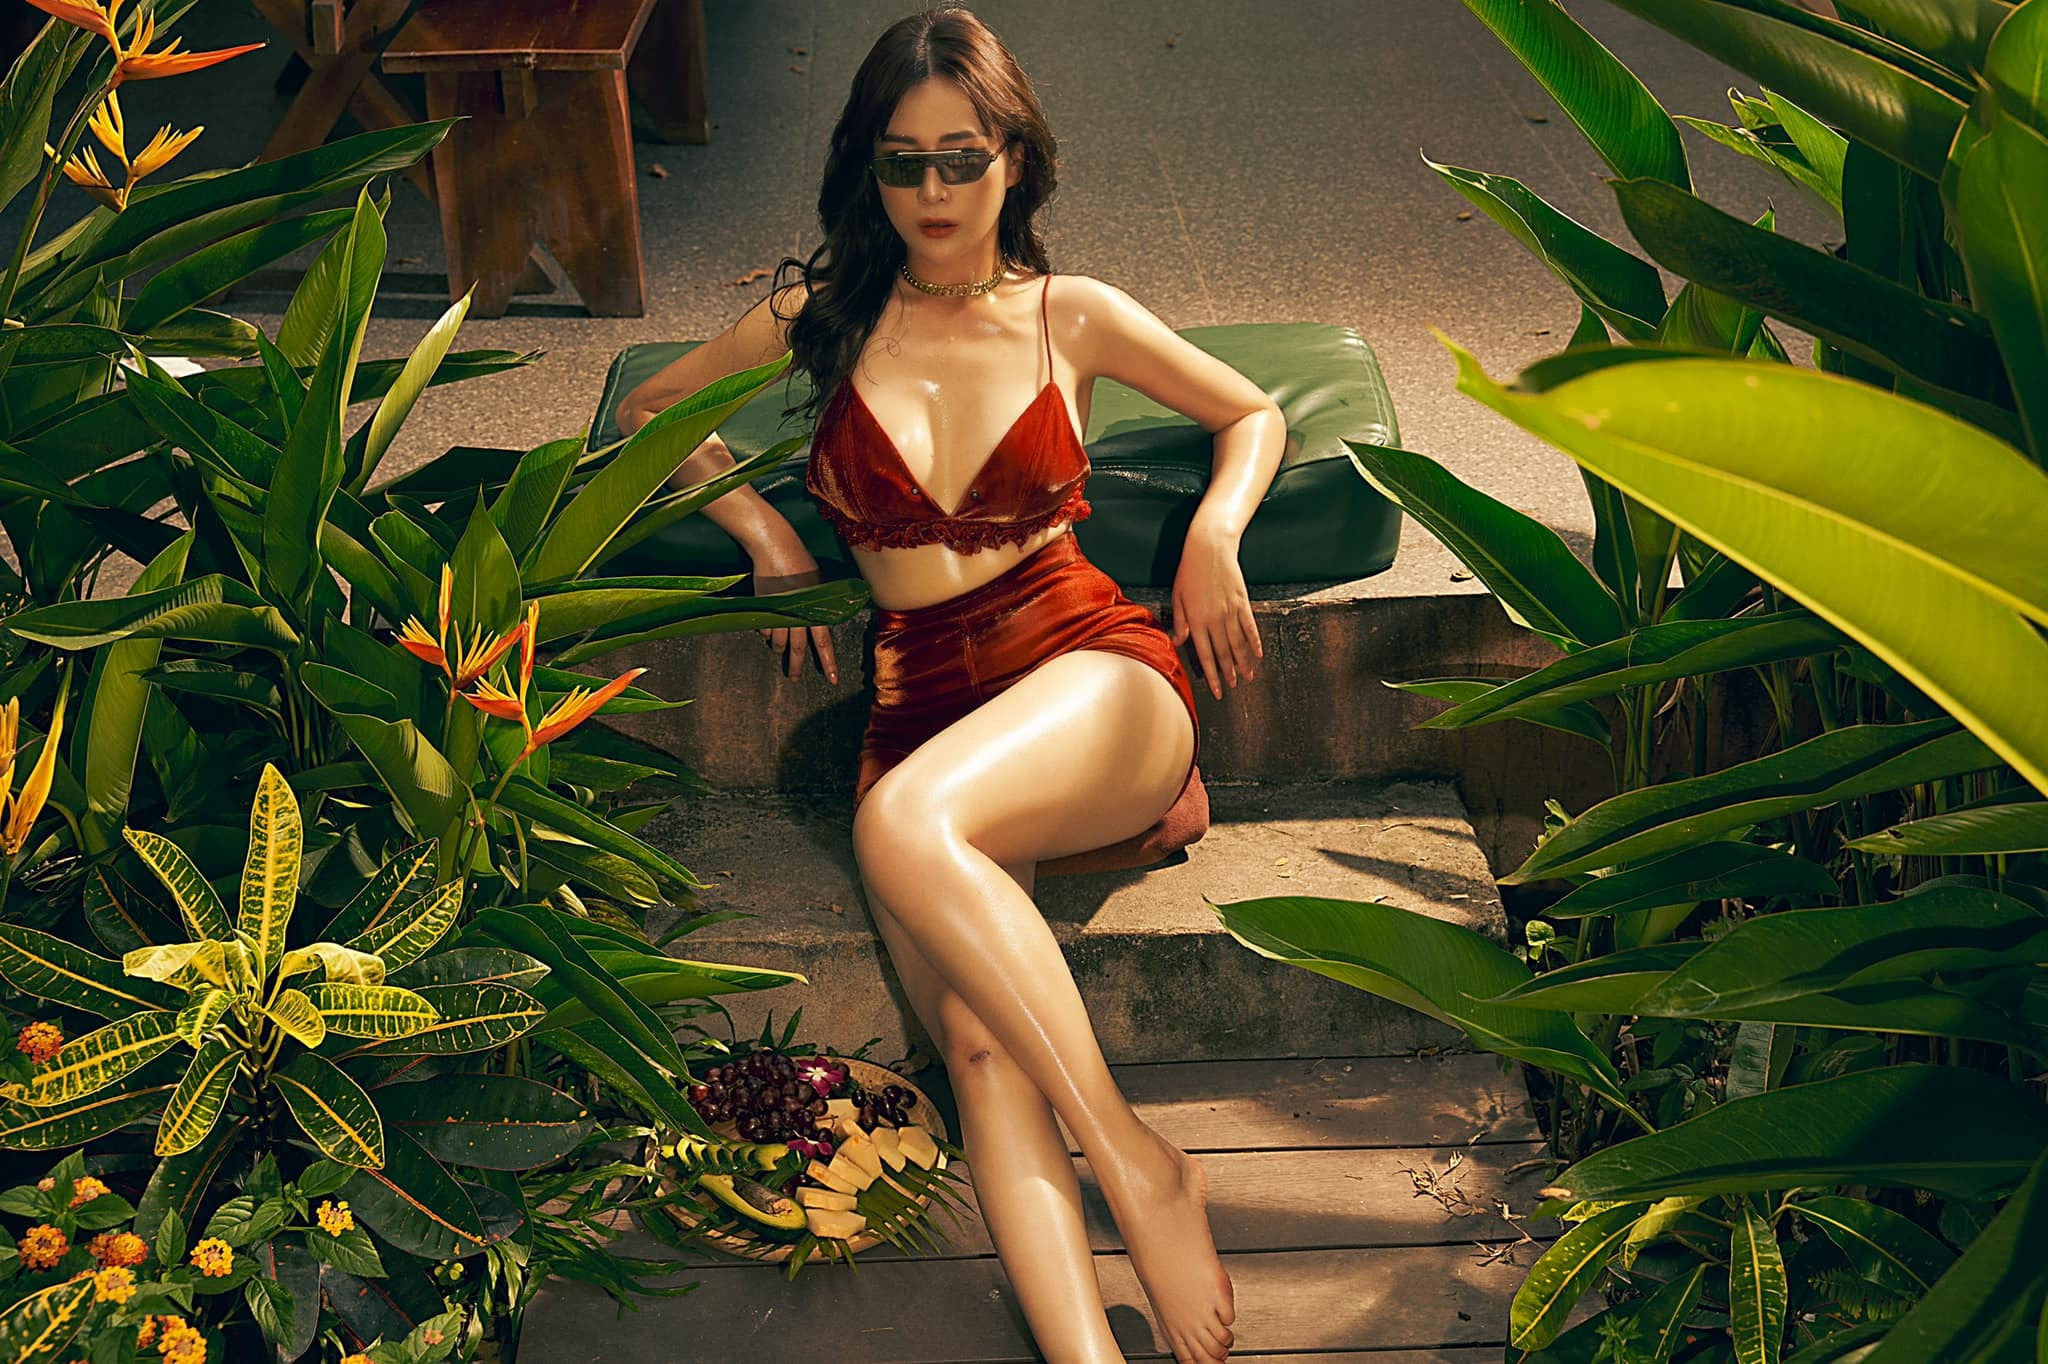 Loạt ảnh nóng bỏng của Phương Oanh